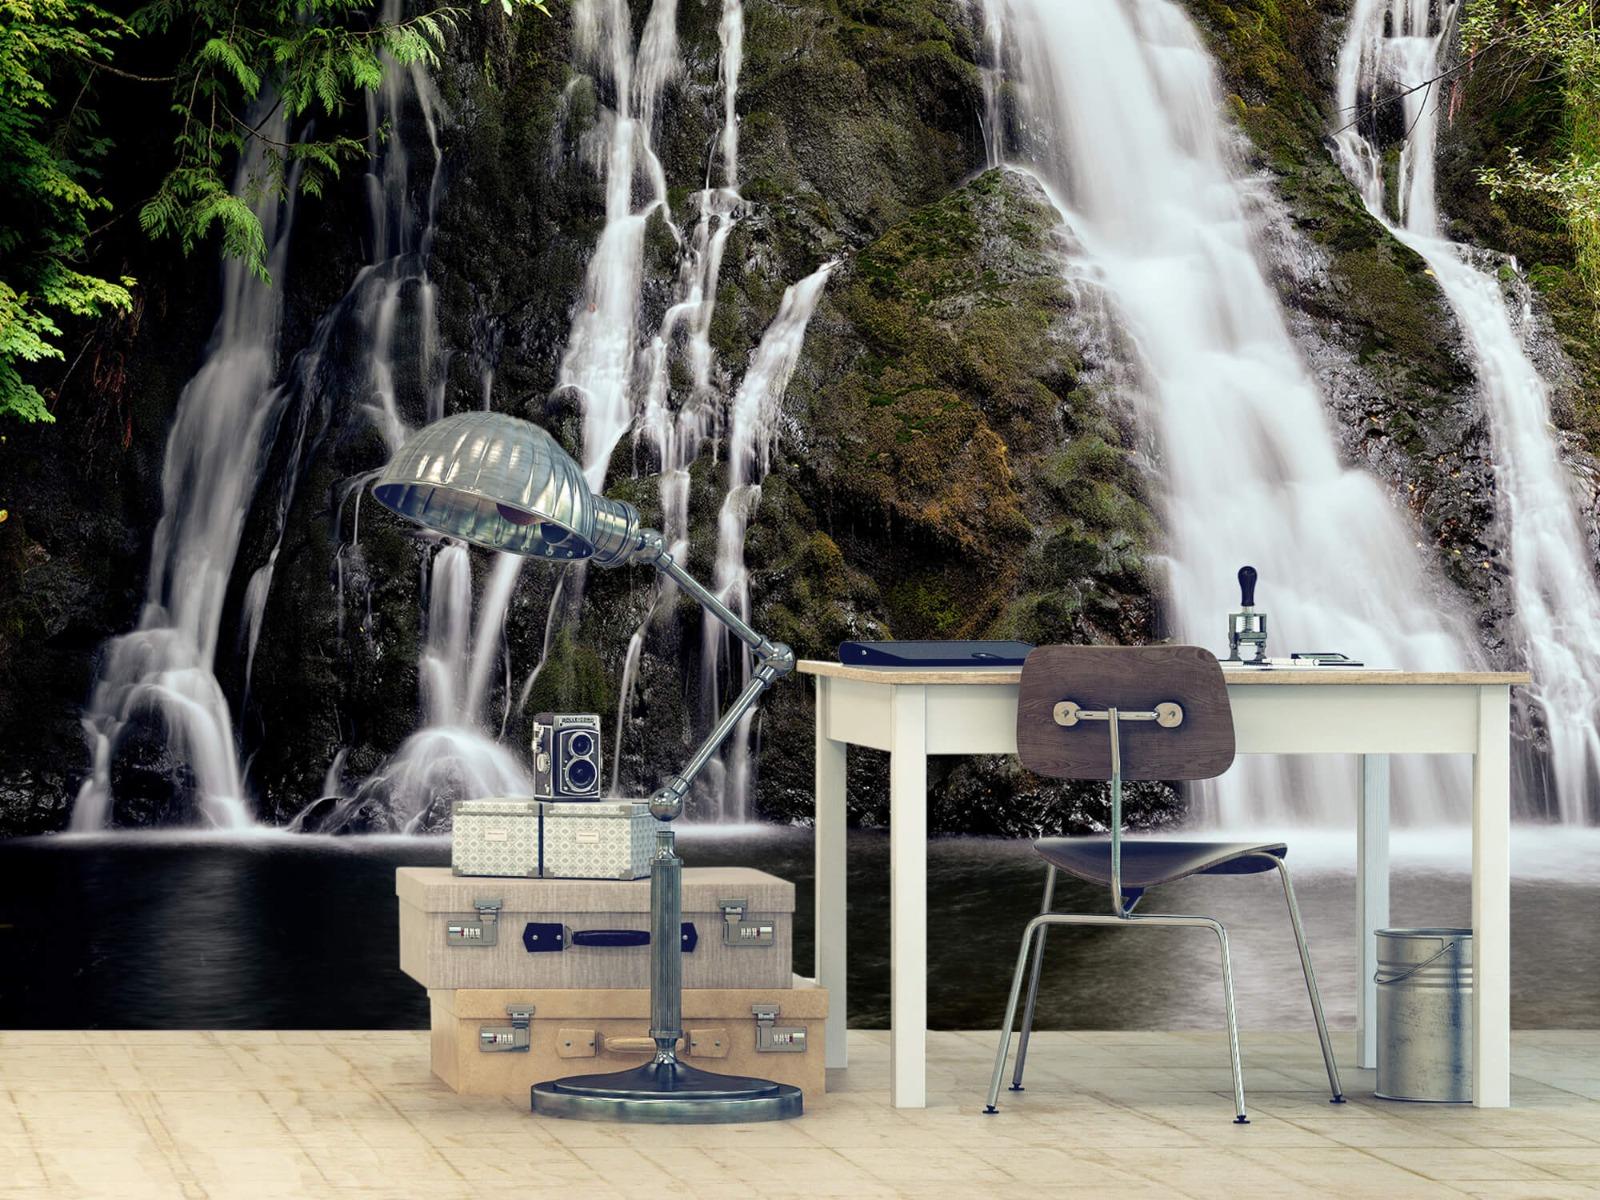 Watervallen - Waterval met 4 stromen - Wallexclusive - Slaapkamer 2